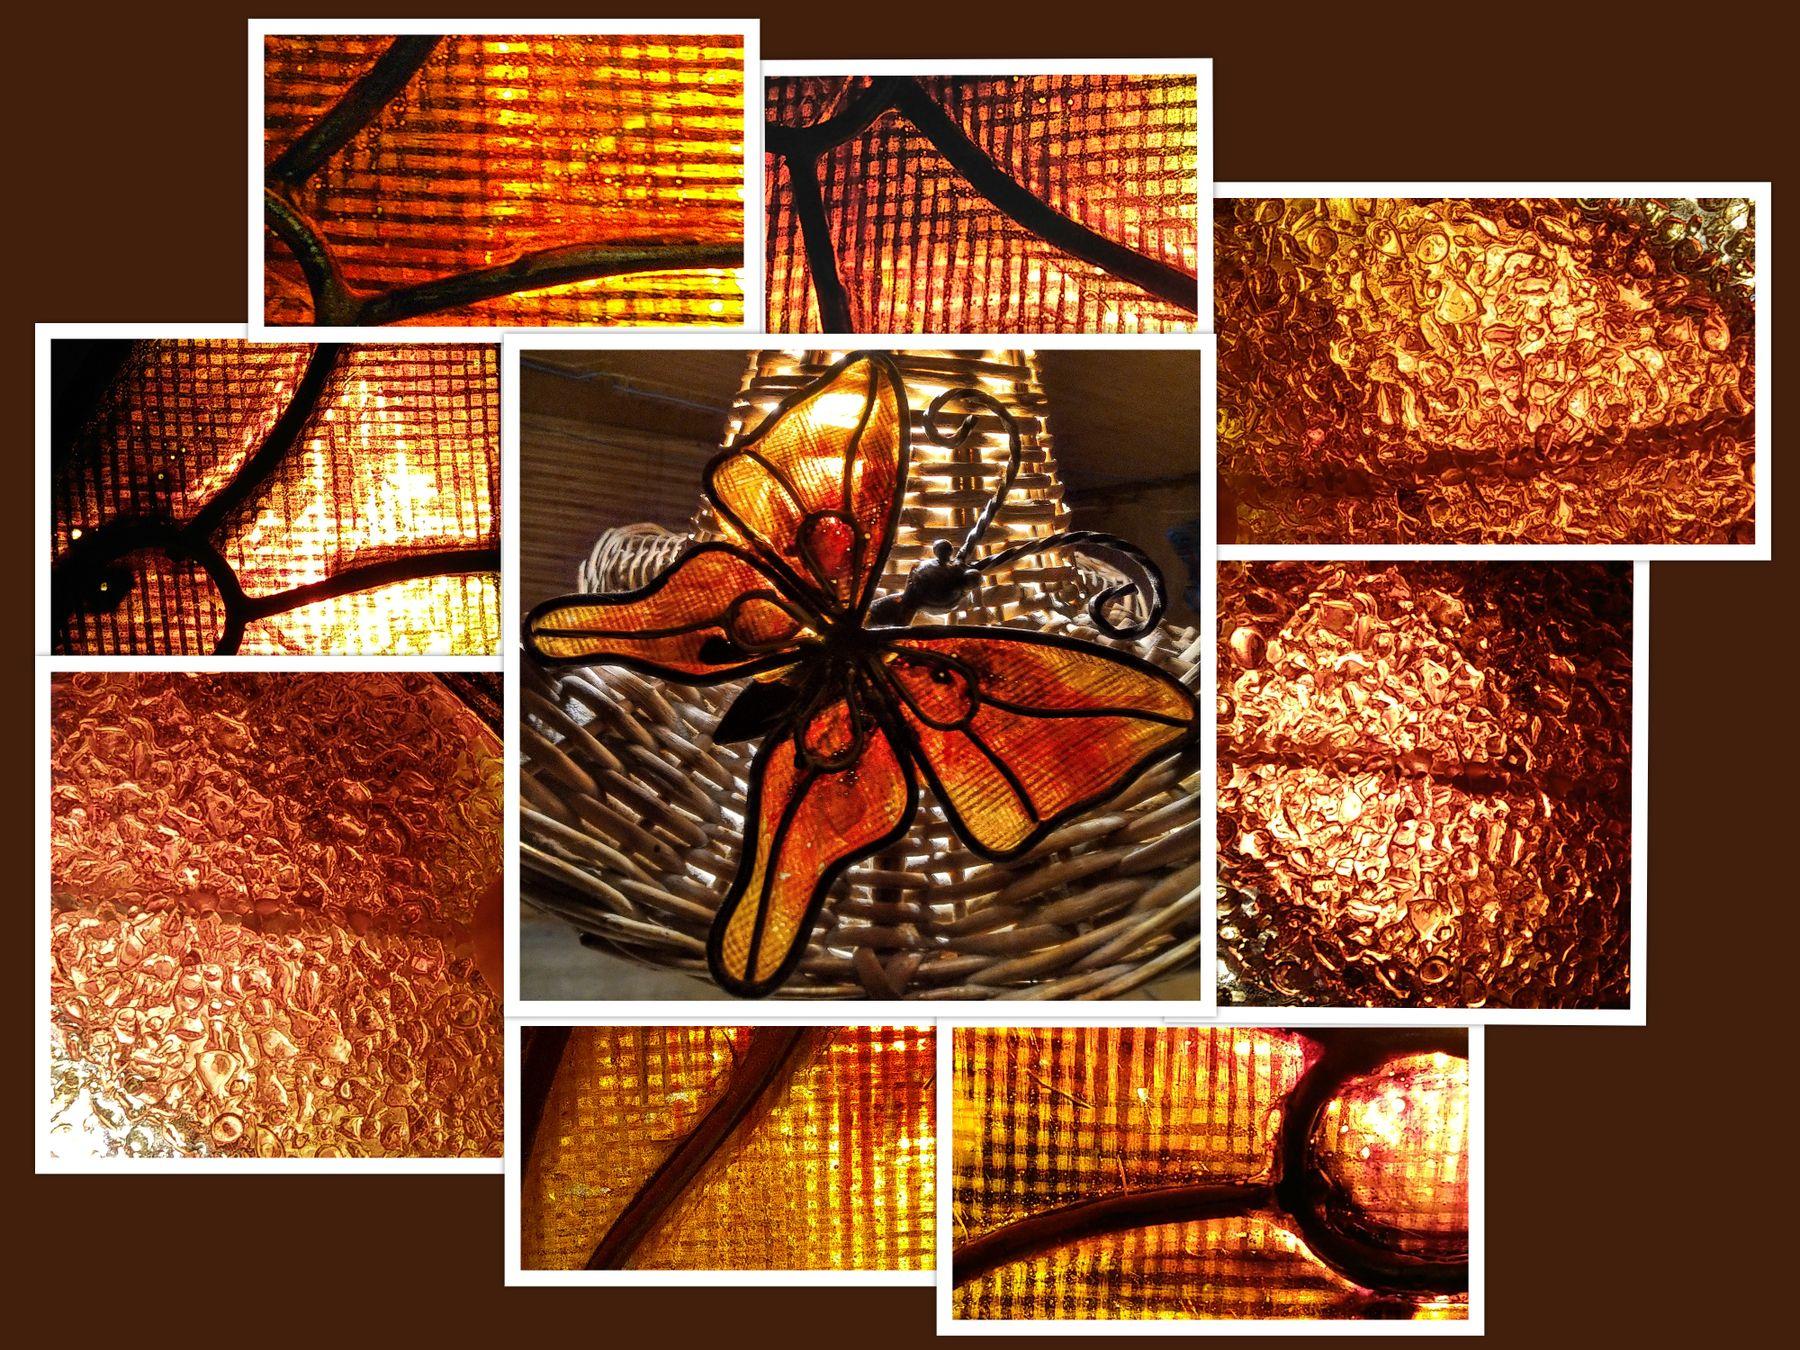 Стеклянные крылья коллаж абстракция бабочка дневники дом инсталляция концептуальная фотография настроение стекло